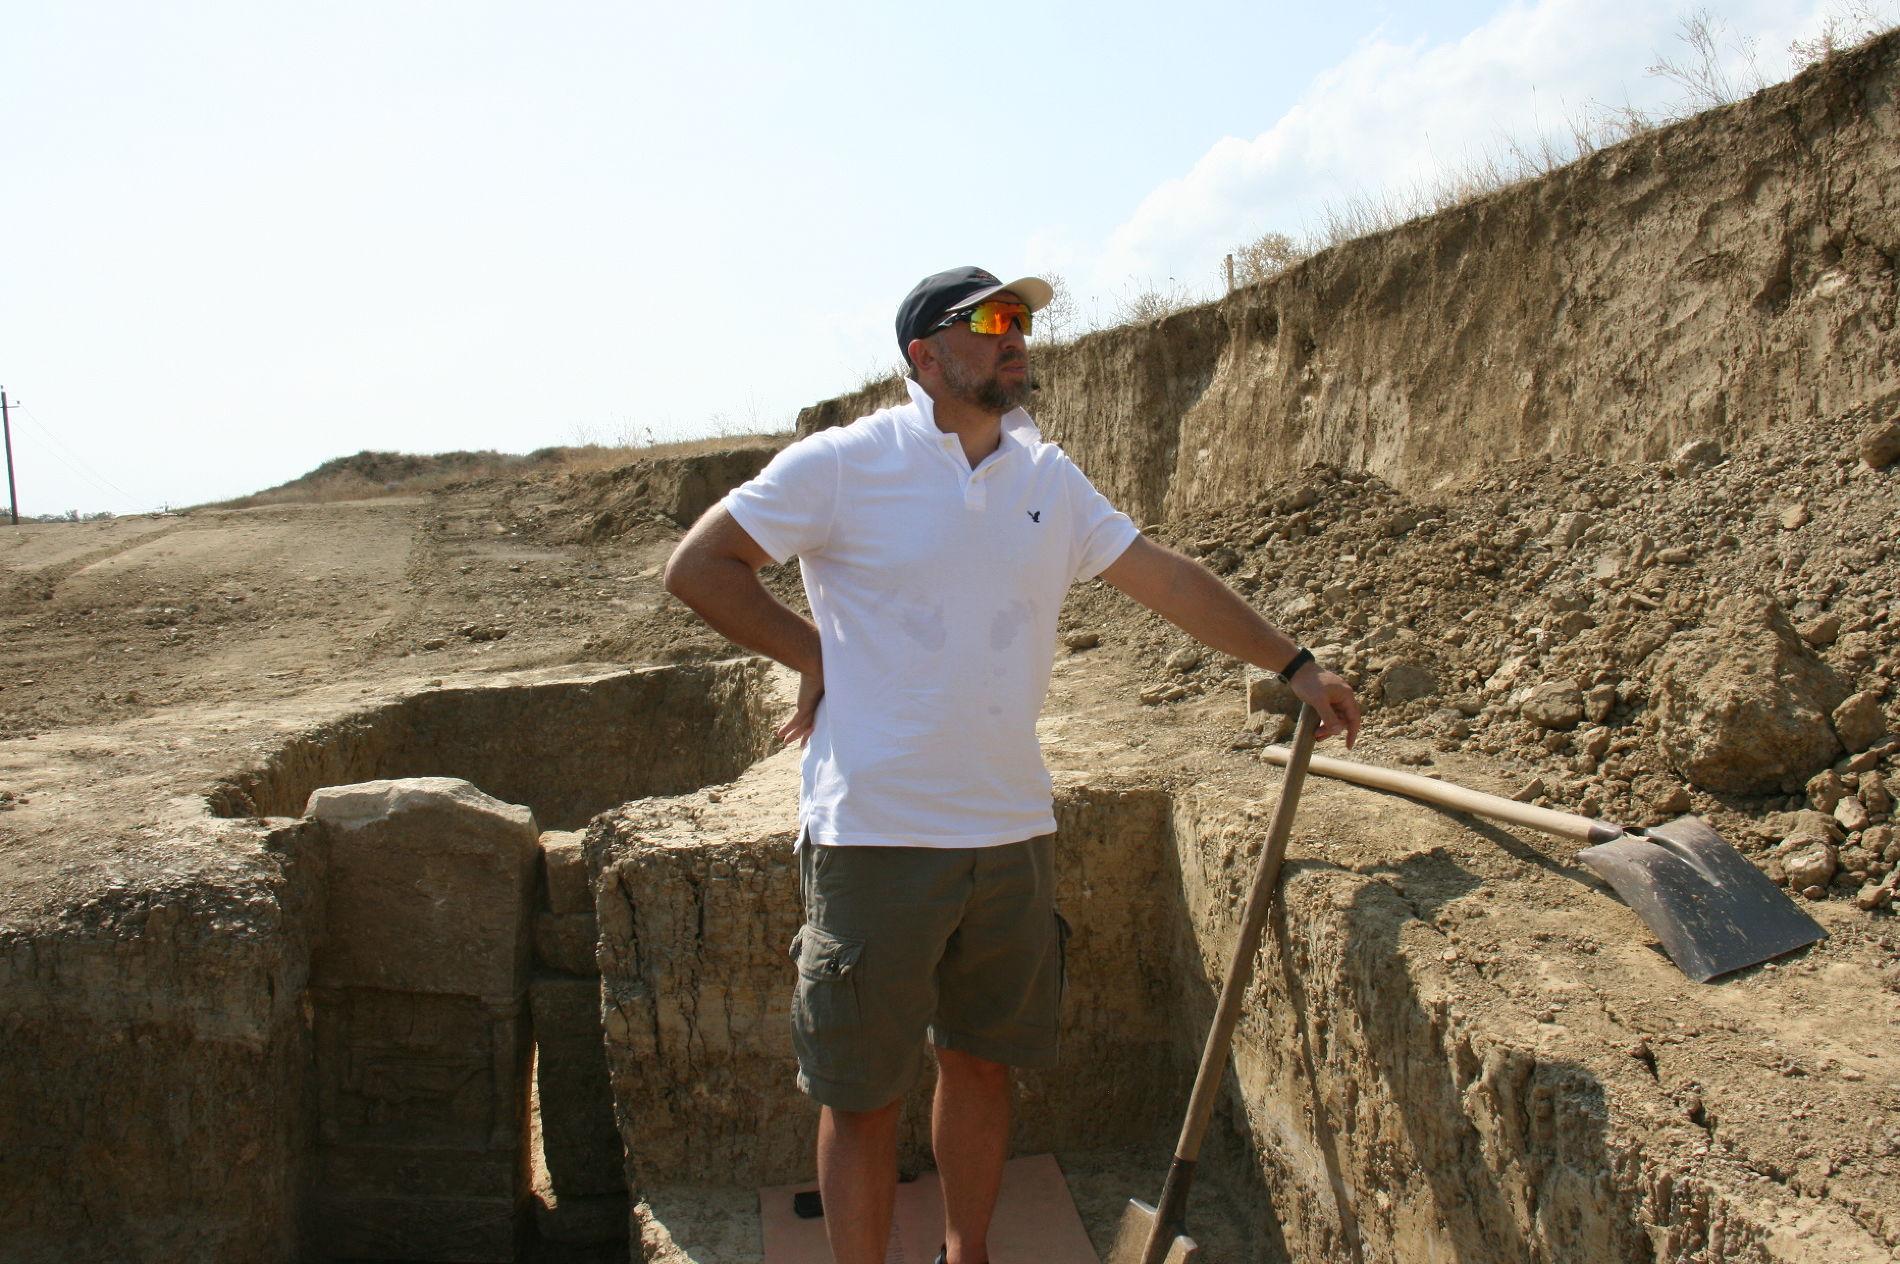 Олег Дерипаска на раскопках в Фанагории (Таманский п-ов) ©Фото пресс-службы компании «Базовый Элемент»